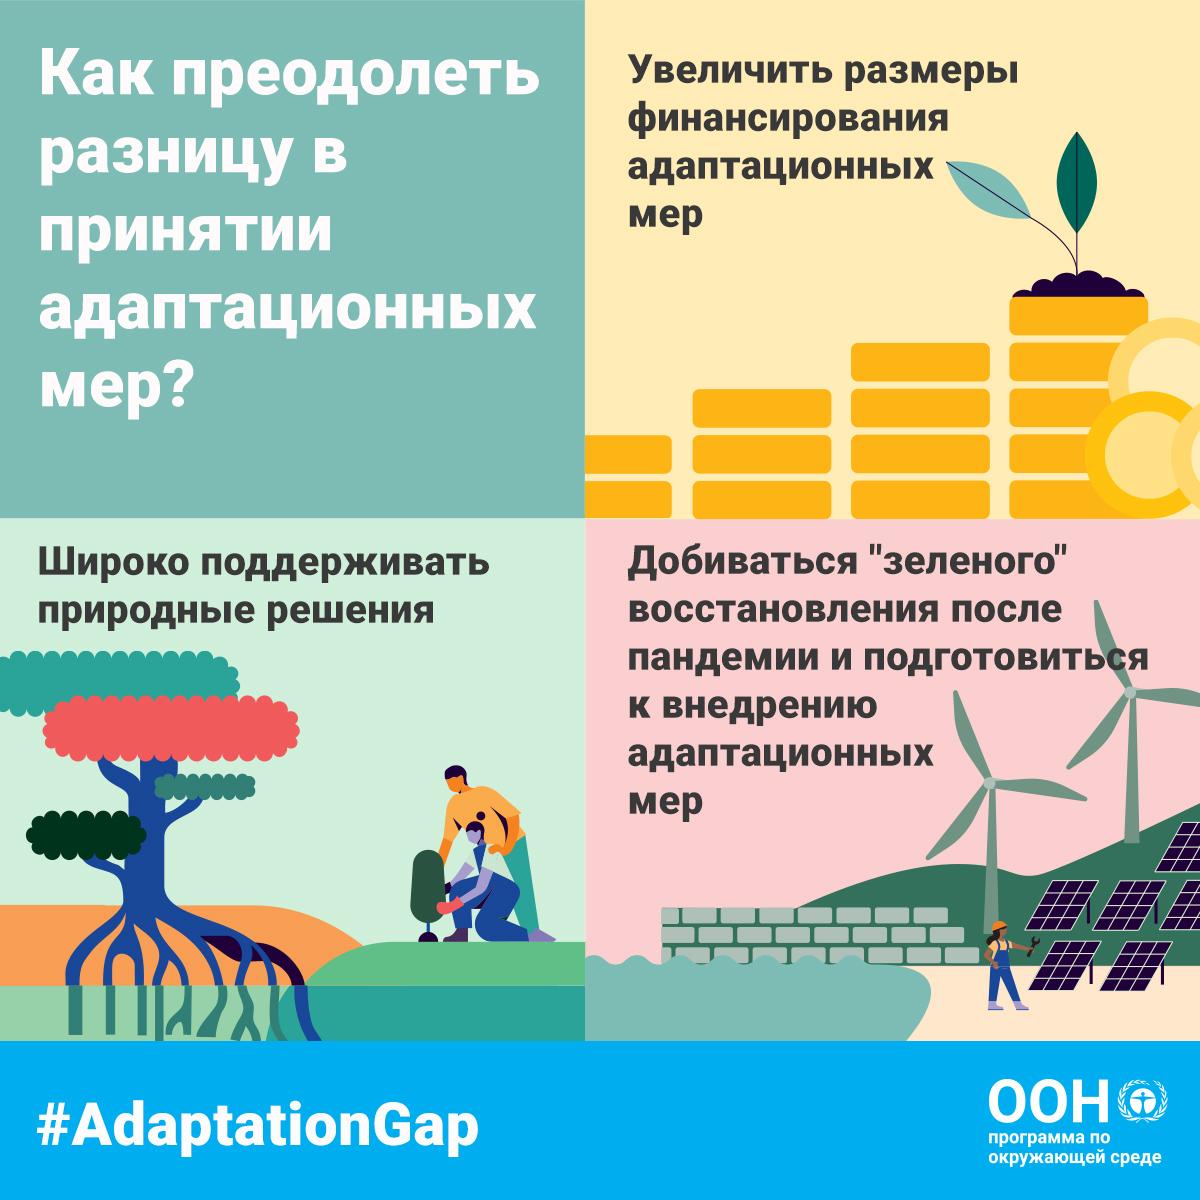 """Нам нужны смелые ДЕЙСТВИЯ, чтобы преодолеть разрыв во внедрении мер адаптации к меняющемуся климату #AdaptationGap, признав силу природы и важность """"зеленого"""" восстановления после #COVID19. ЮНЕП идет по этому пути:   #ClimateAction"""